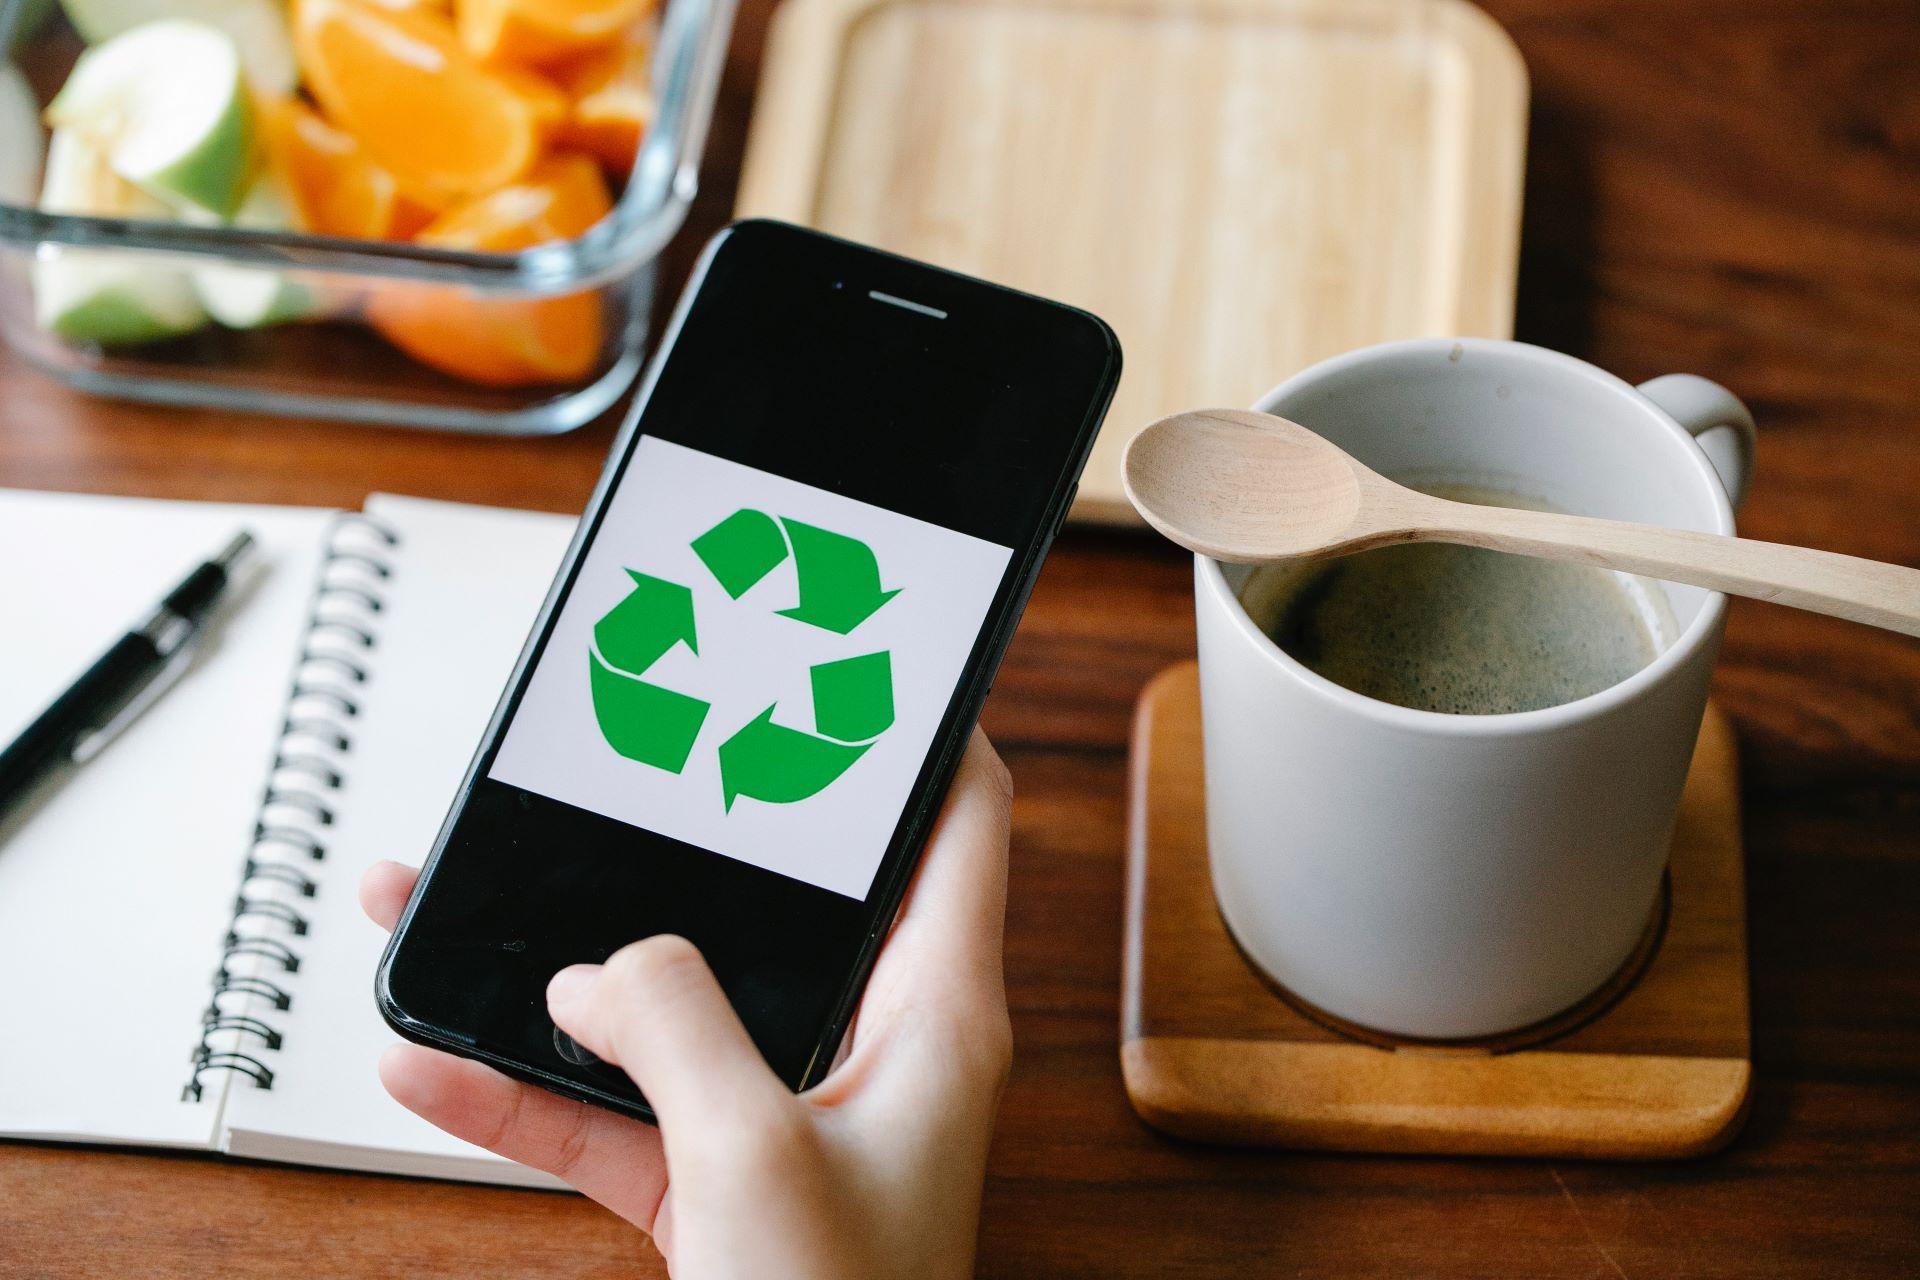 környezetbarát applikáció